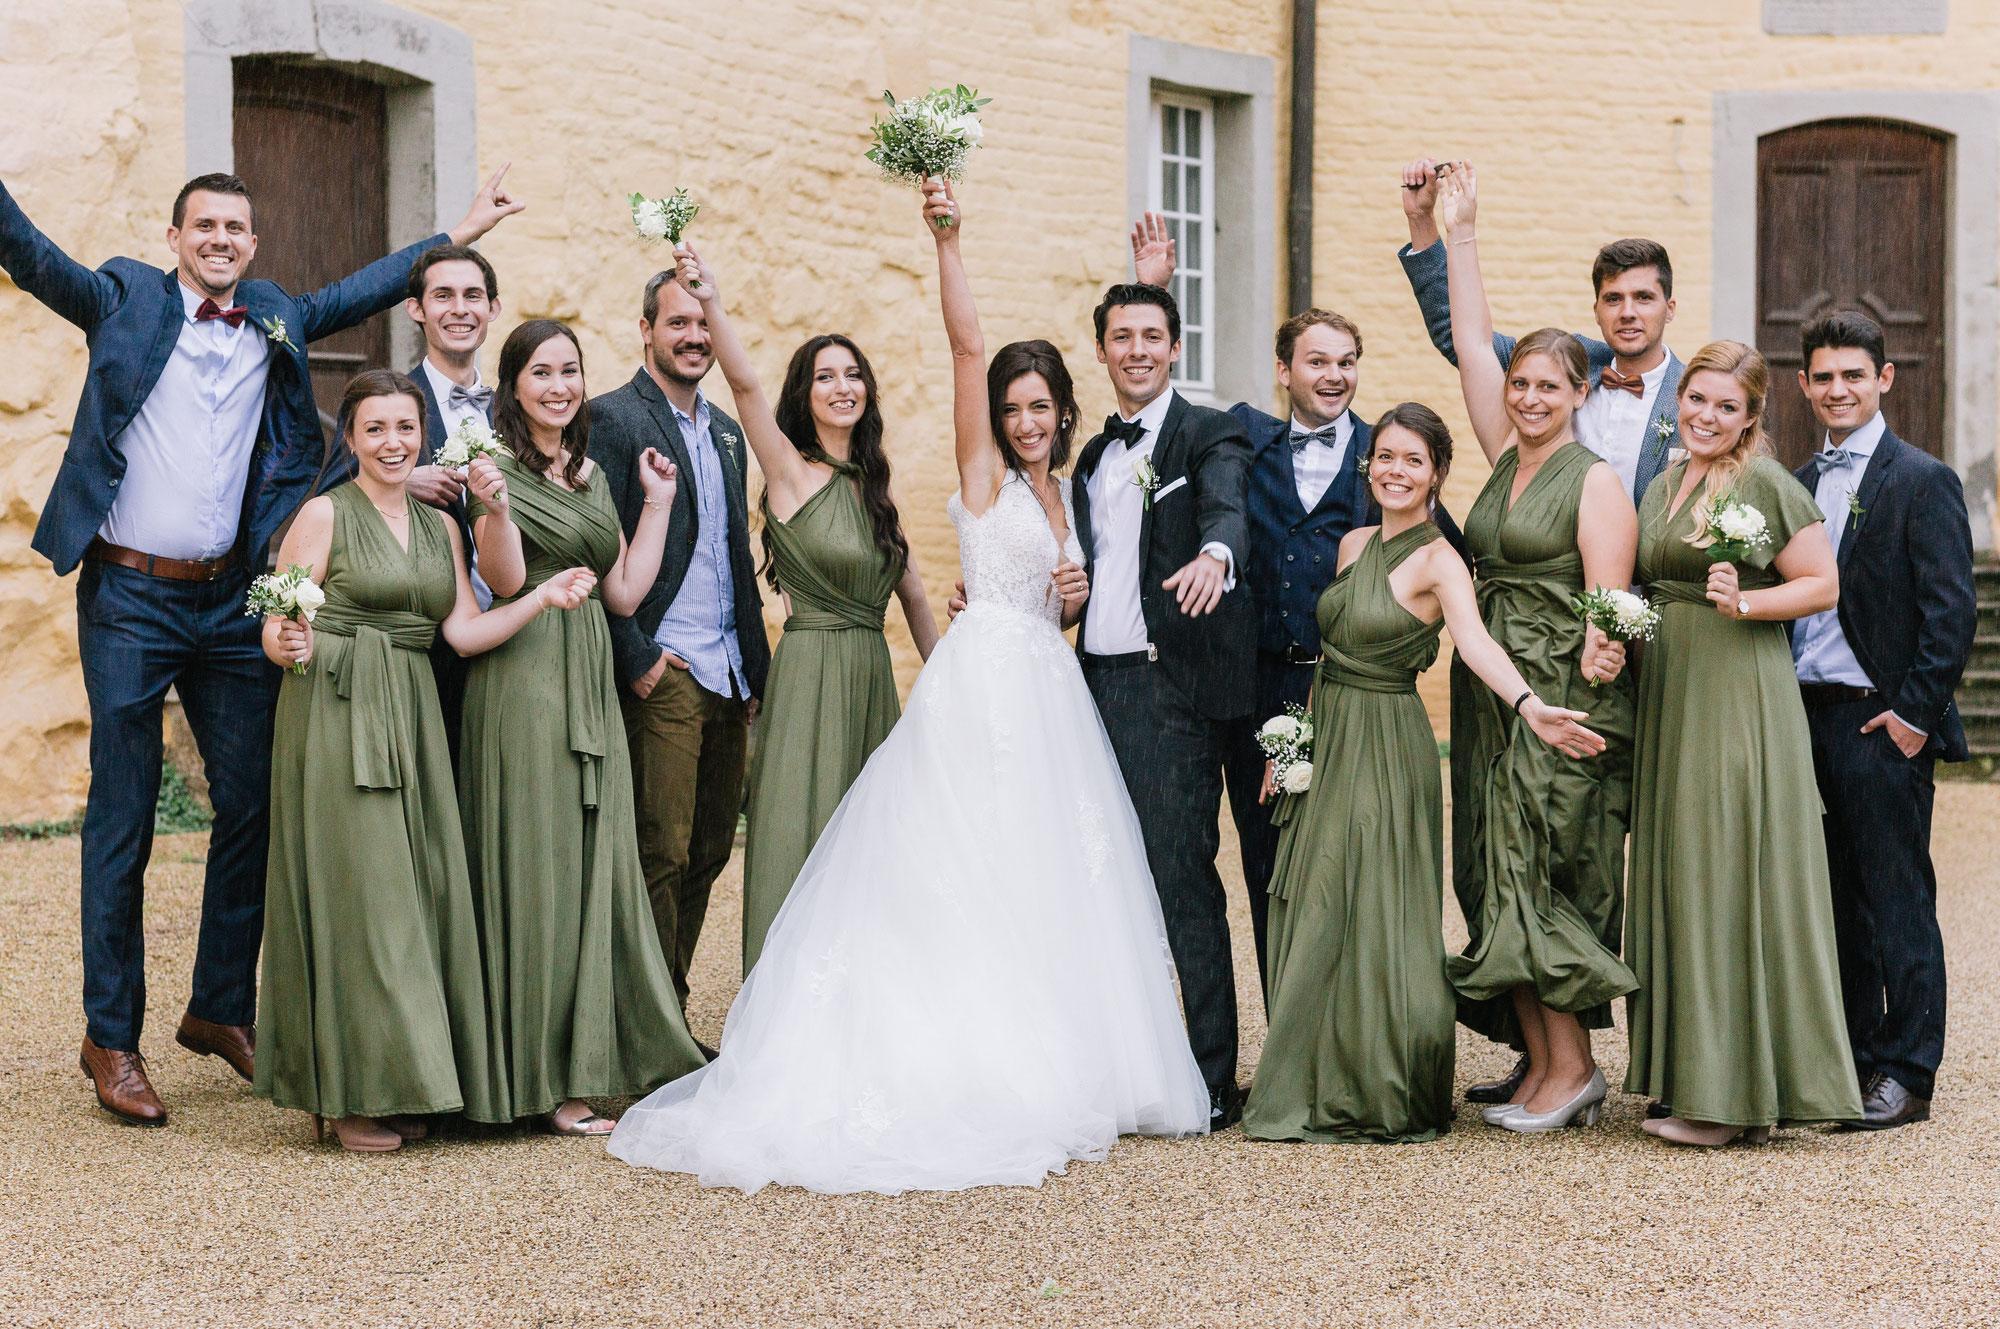 Hochzeitsfotograf Jüchen: Kirchliche Hochzeit auf Schloss Dyck